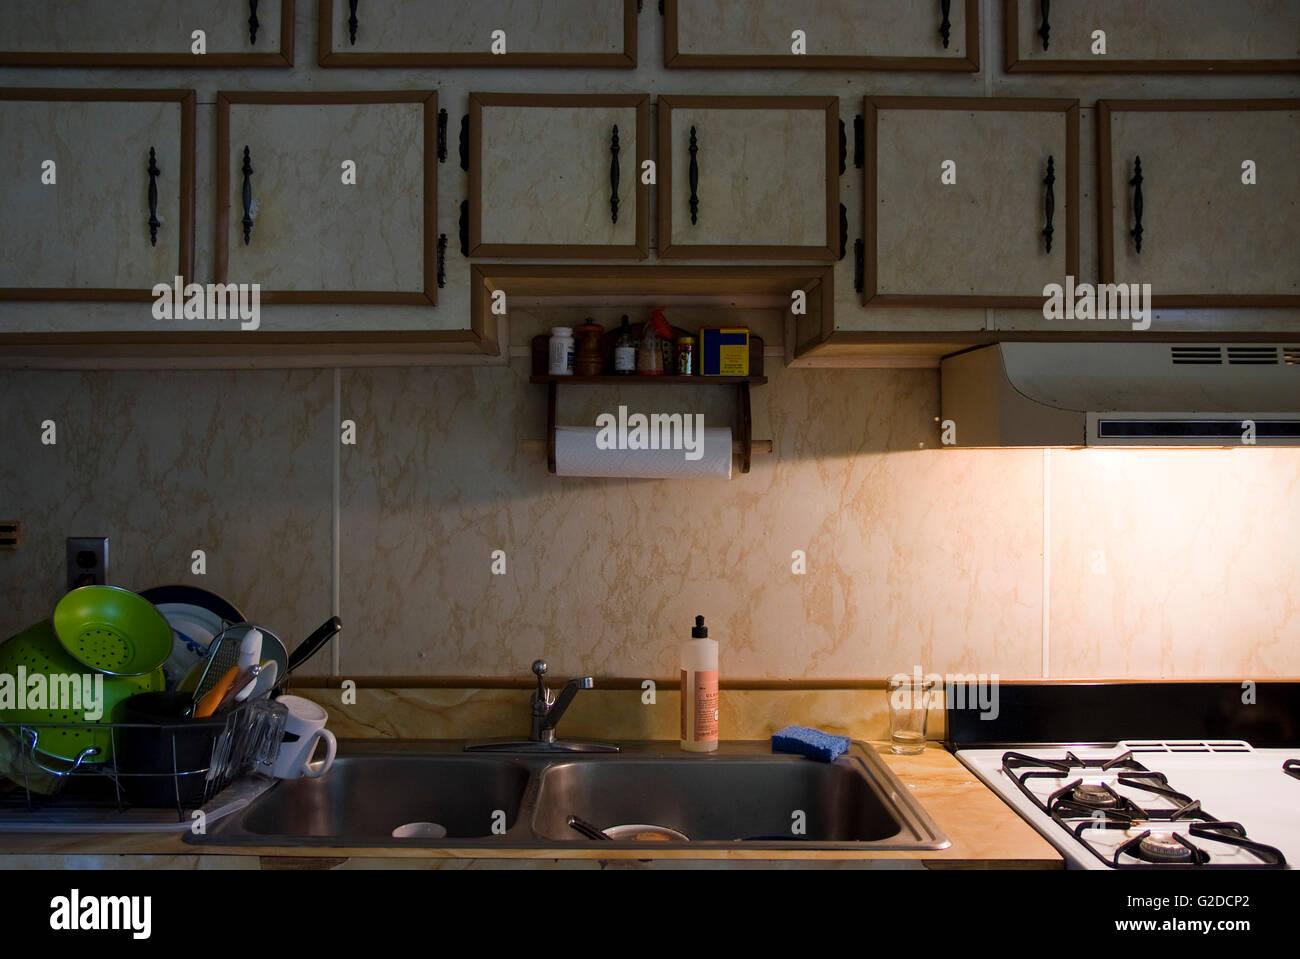 Liebenswert Retro Küche Sammlung Von Retro-küche, Spüle, Herd, Zähler Und Schränke In